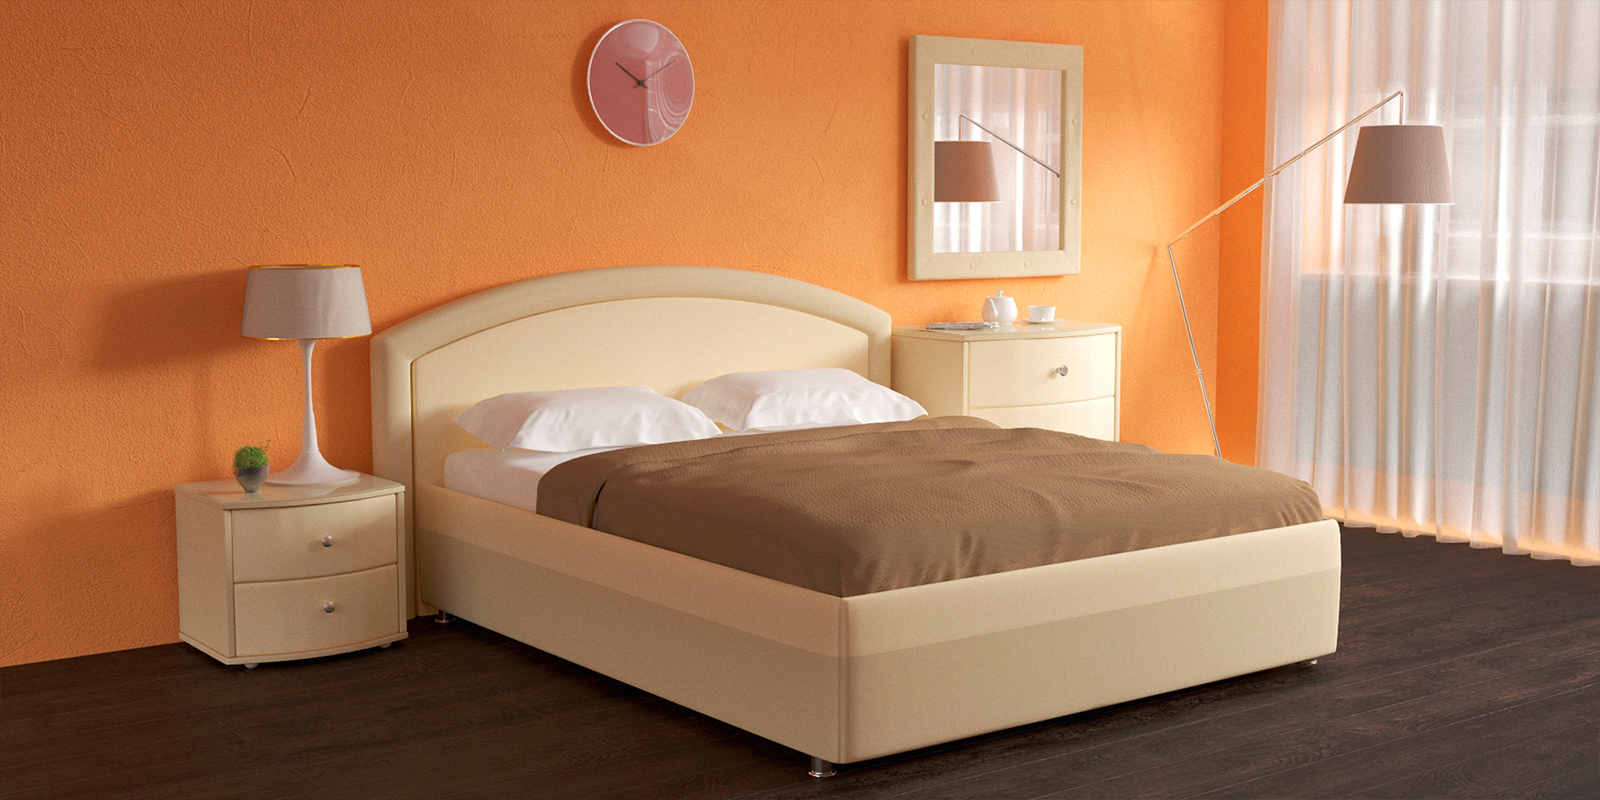 Мягкая кровать 200х160 Малибу вариант №8 с ортопедическим основанием (Бежевый)